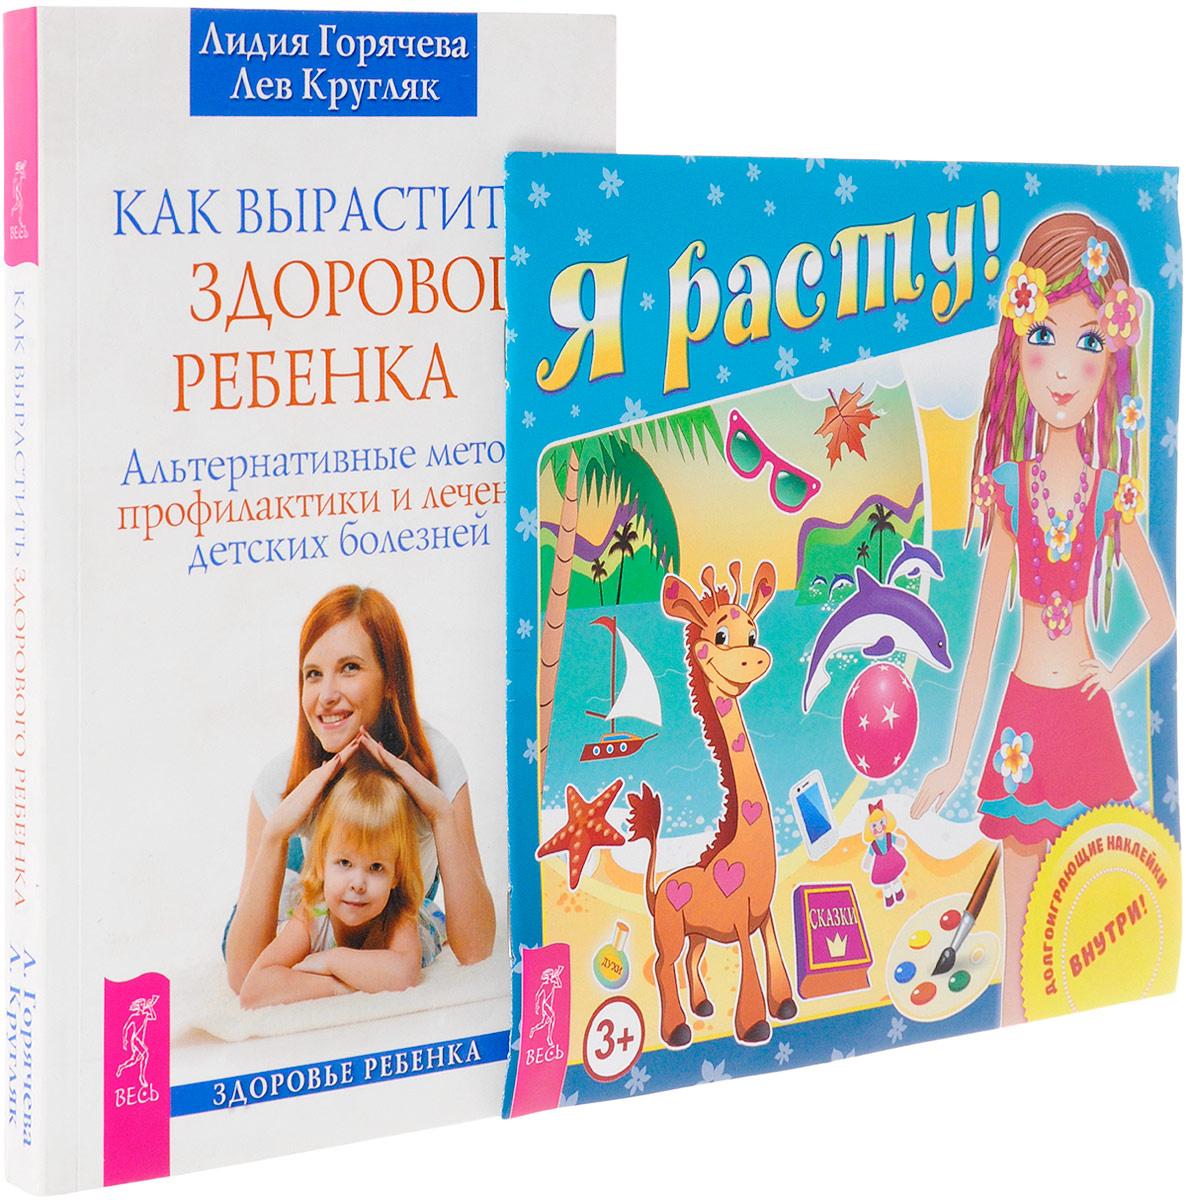 Я расту. Как вырастить здорового ребенка (комплект из 2 книг) | Горячева Лидия Александровна, Кругляк #1